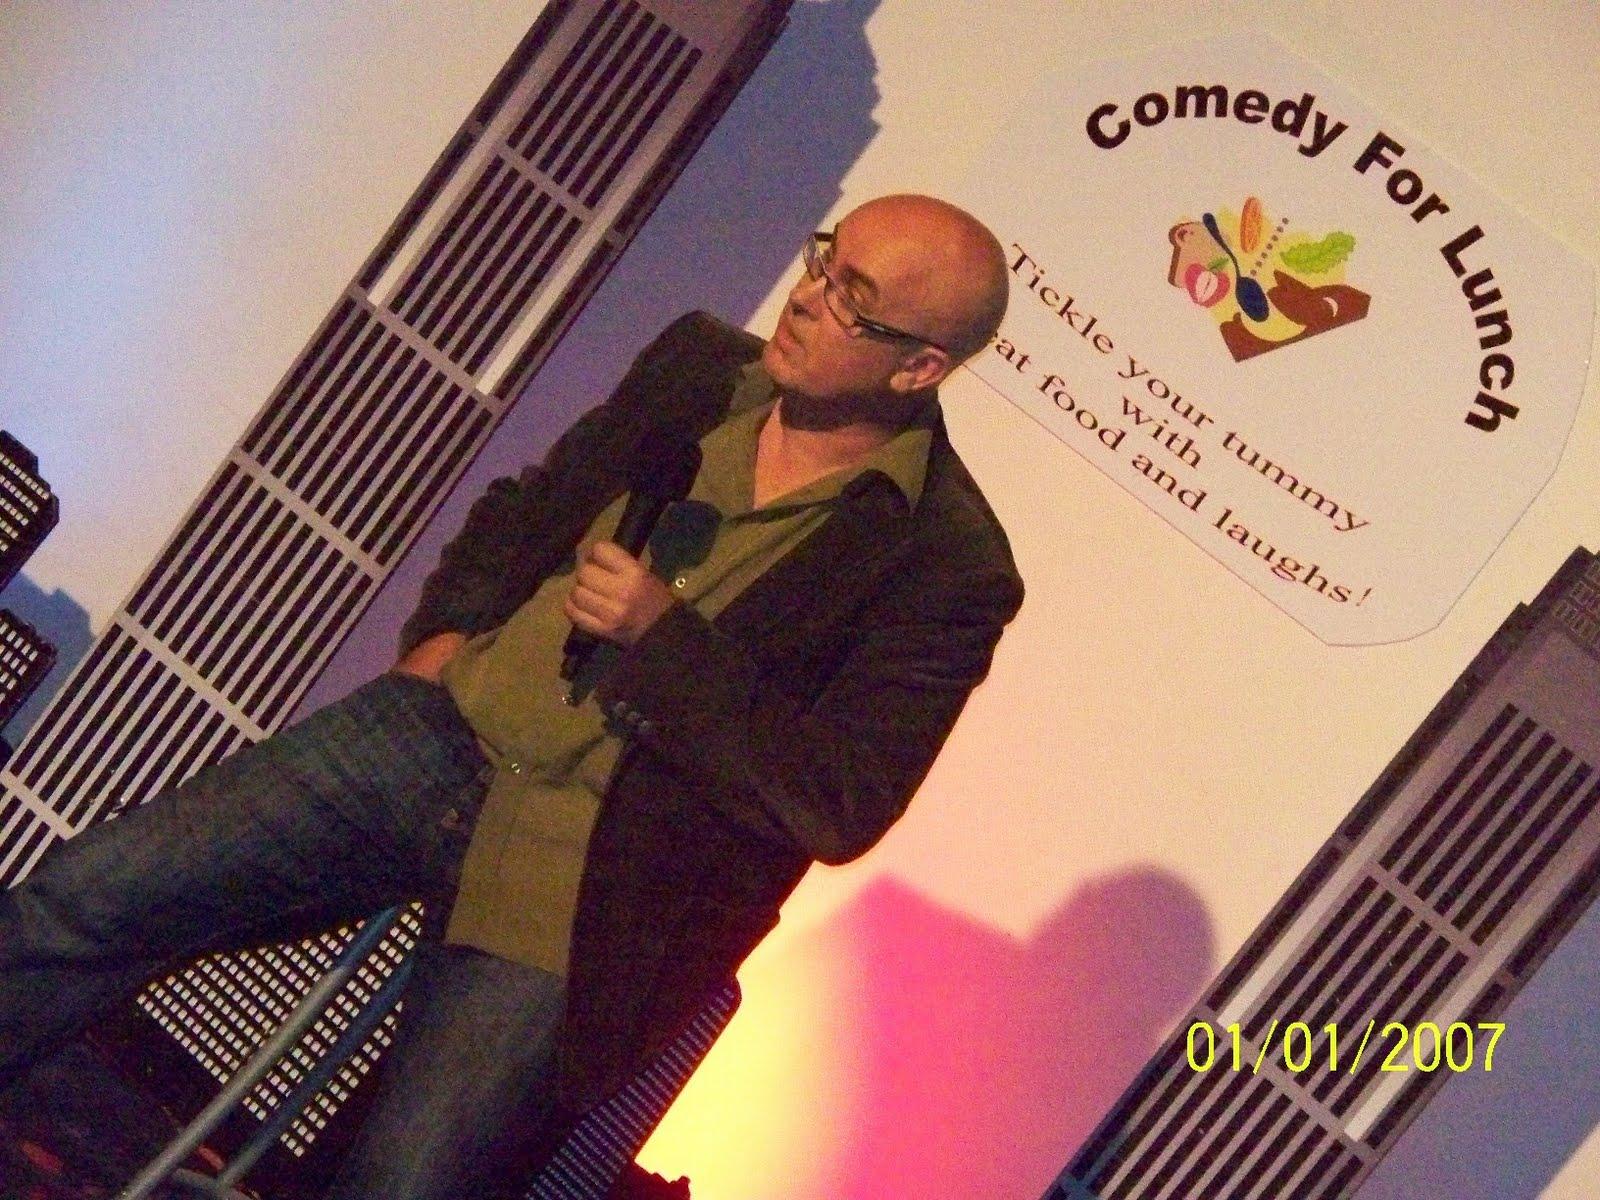 http://1.bp.blogspot.com/-fSI9u1IYijQ/Tcj2Oee13TI/AAAAAAAAACY/hlBHvBPYIiI/s1600/Comedy%2BLunch%2BAd%2Bphoto.JPG